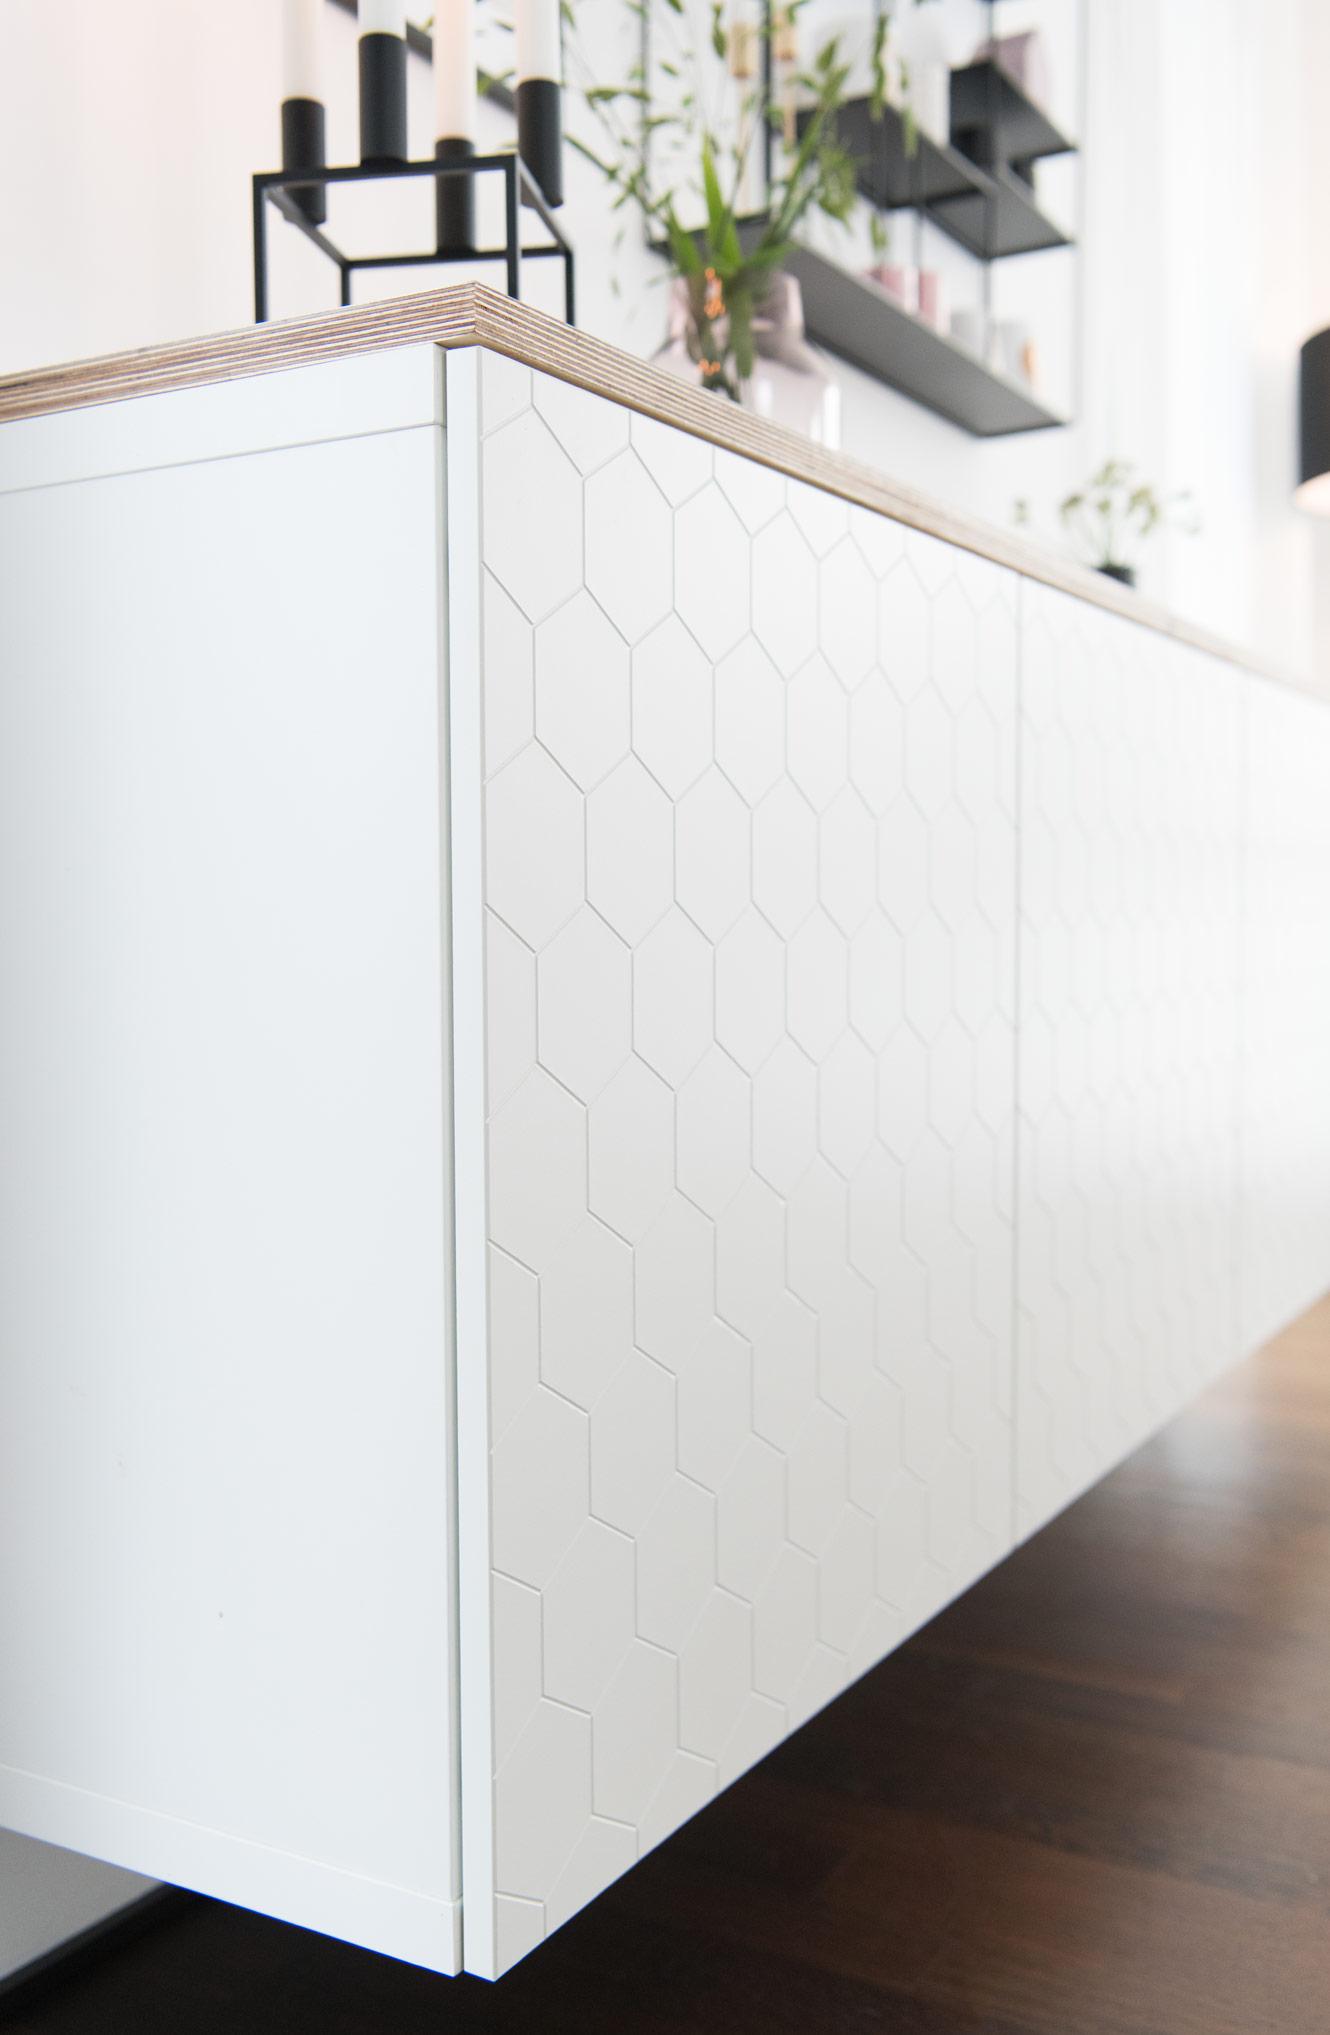 Full Size of Ikea Sideboard Küche Kosten Betten 160x200 Sofa Mit Schlaffunktion Miniküche Wohnzimmer Bei Arbeitsplatte Modulküche Kaufen Wohnzimmer Ikea Sideboard